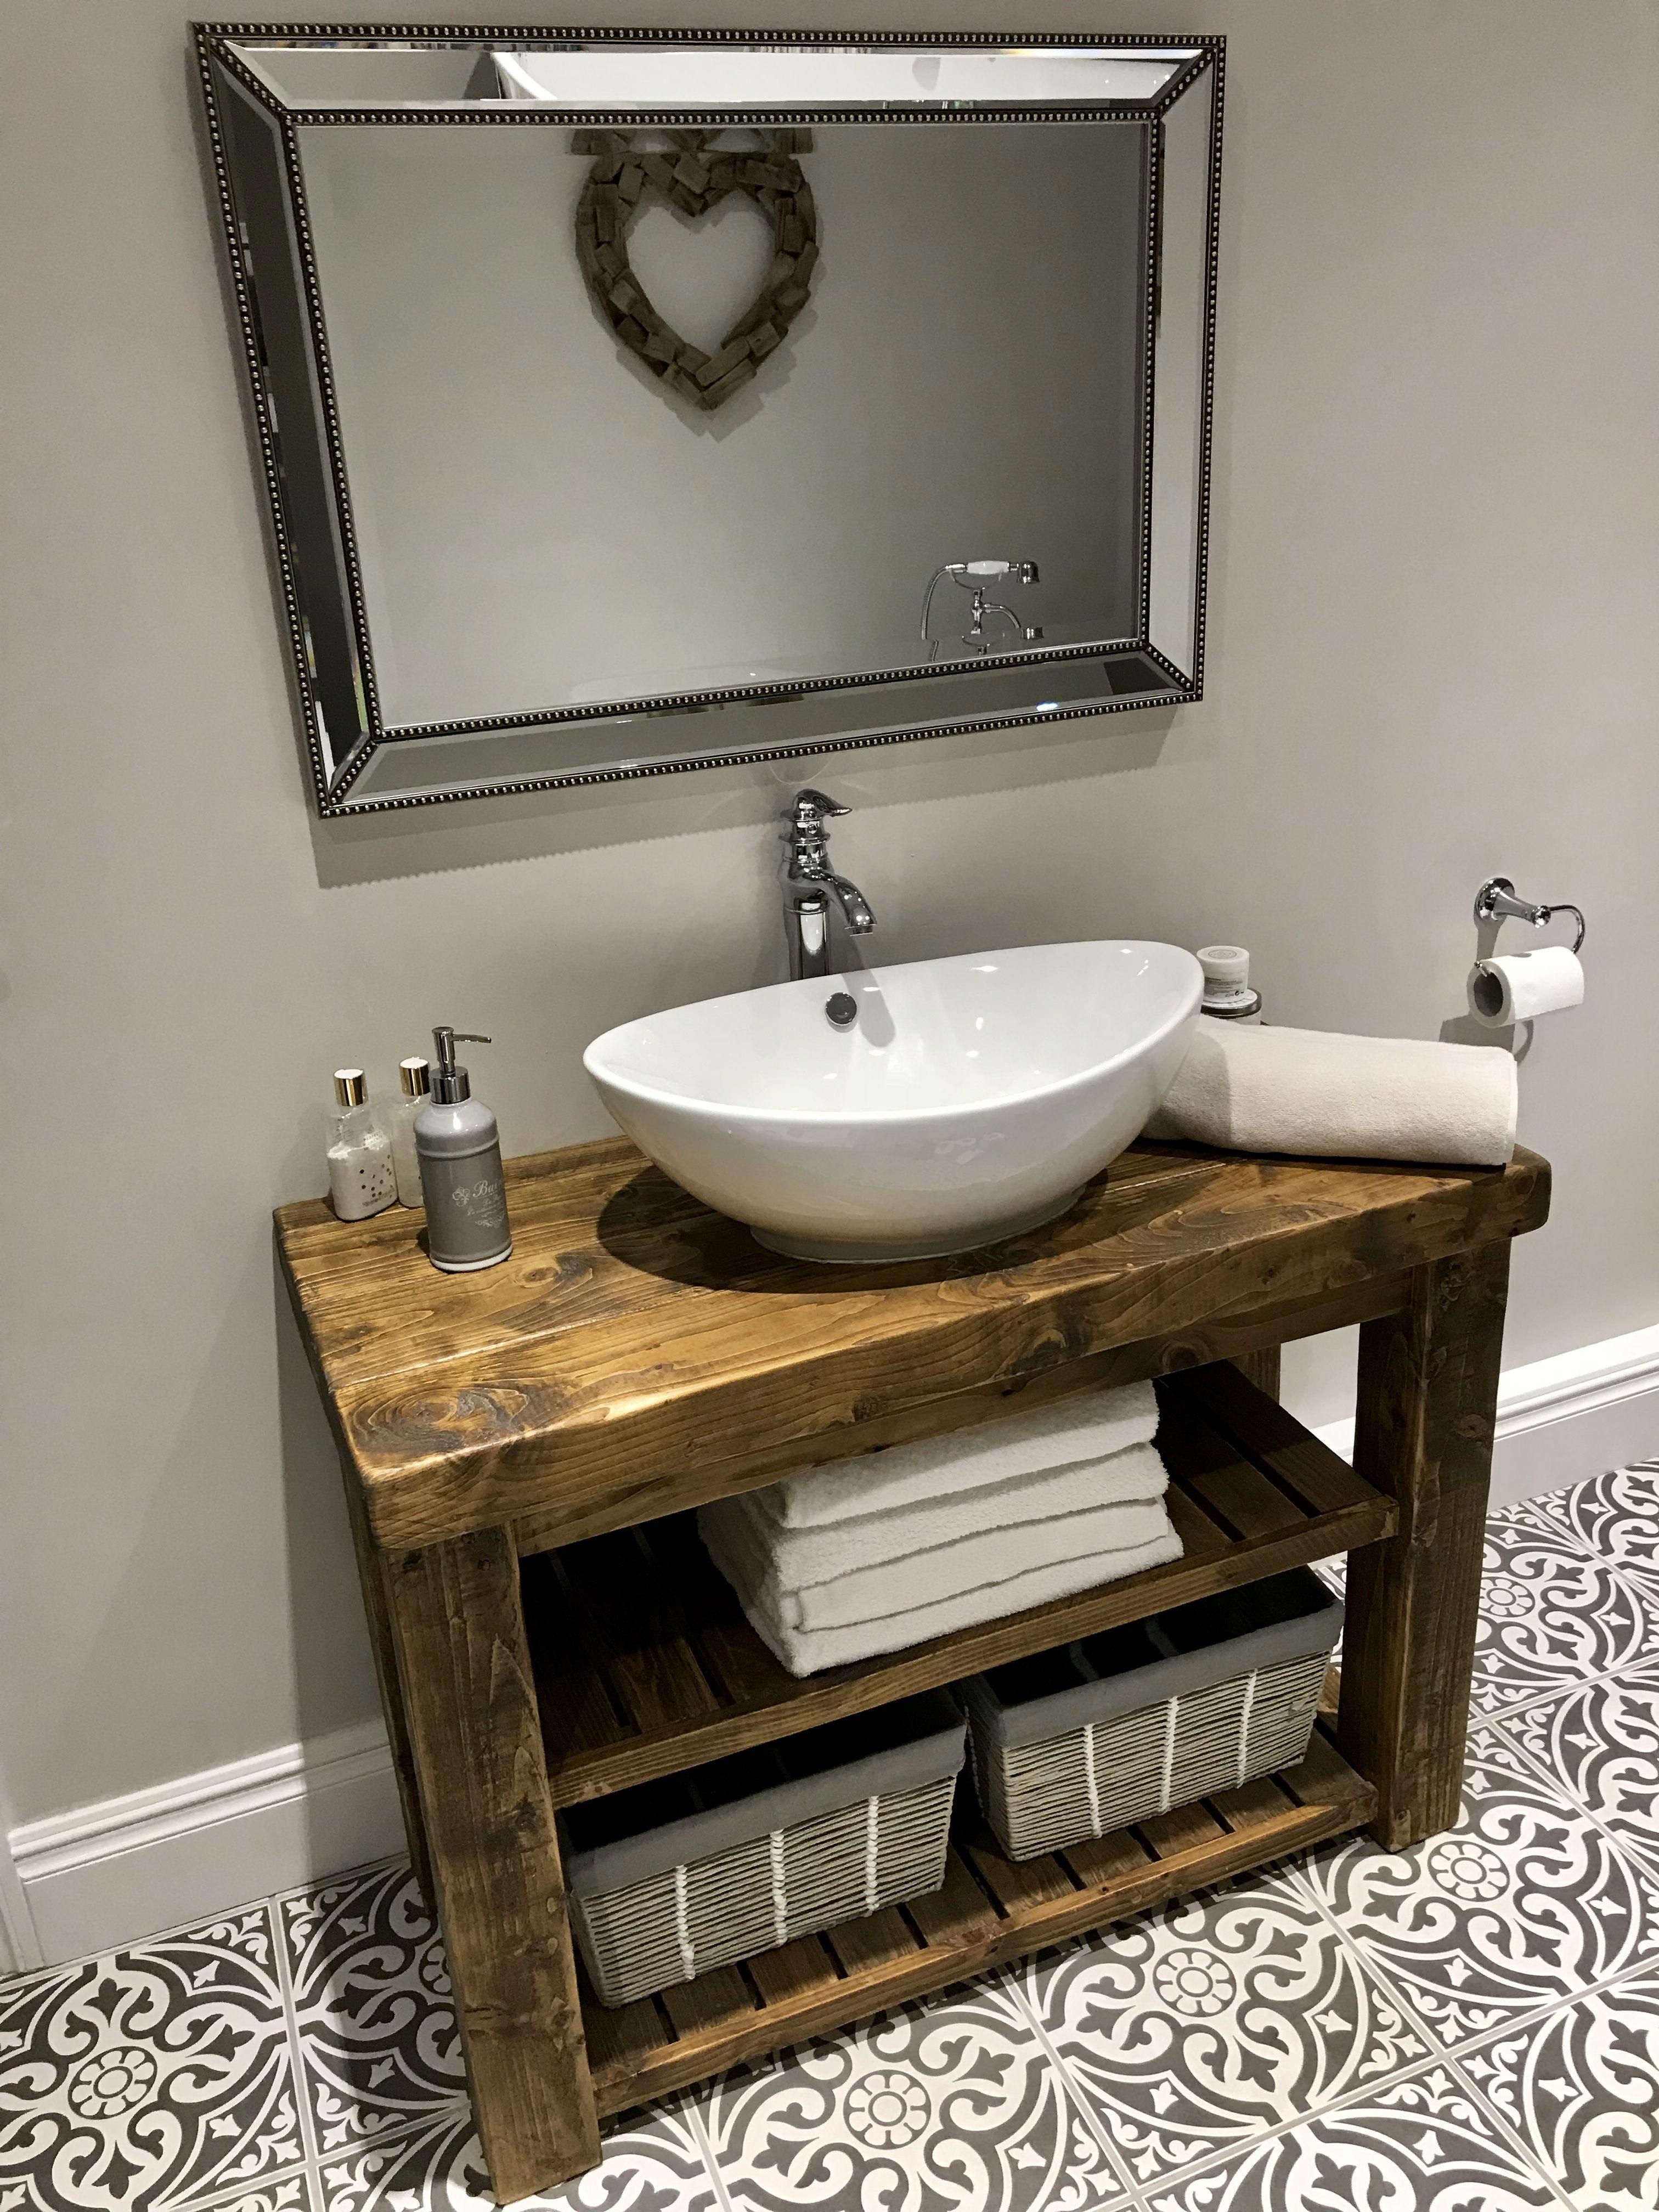 Diy Vanity Unit For My Bathroom Bathroom Storage Solutions Diy Vanity Vanity [ 4032 x 3024 Pixel ]